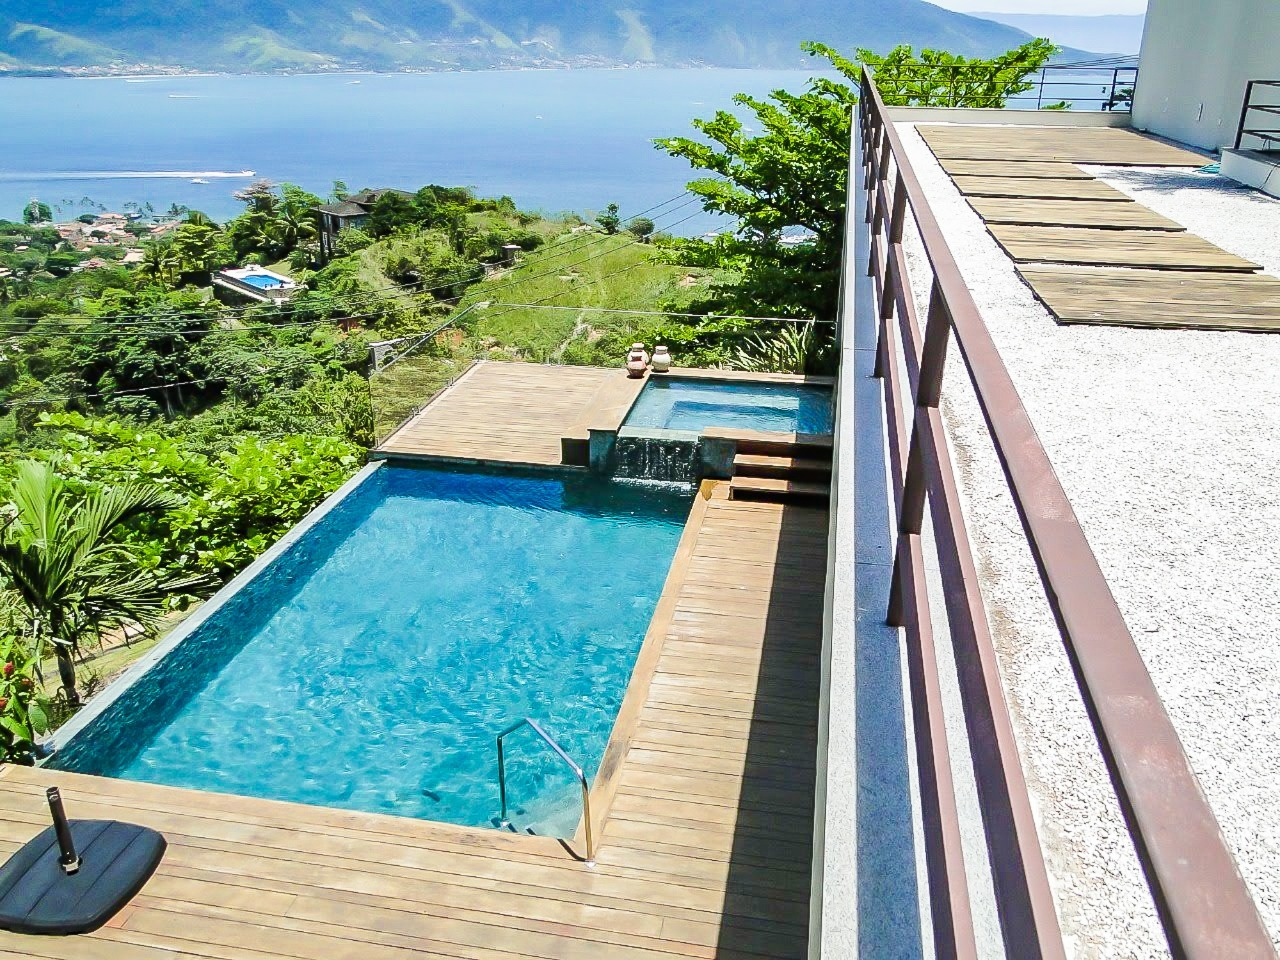 Casa em condomínio com 6 dormitórios (5 suítes) à venda em Ilhabela, no bairro Vila